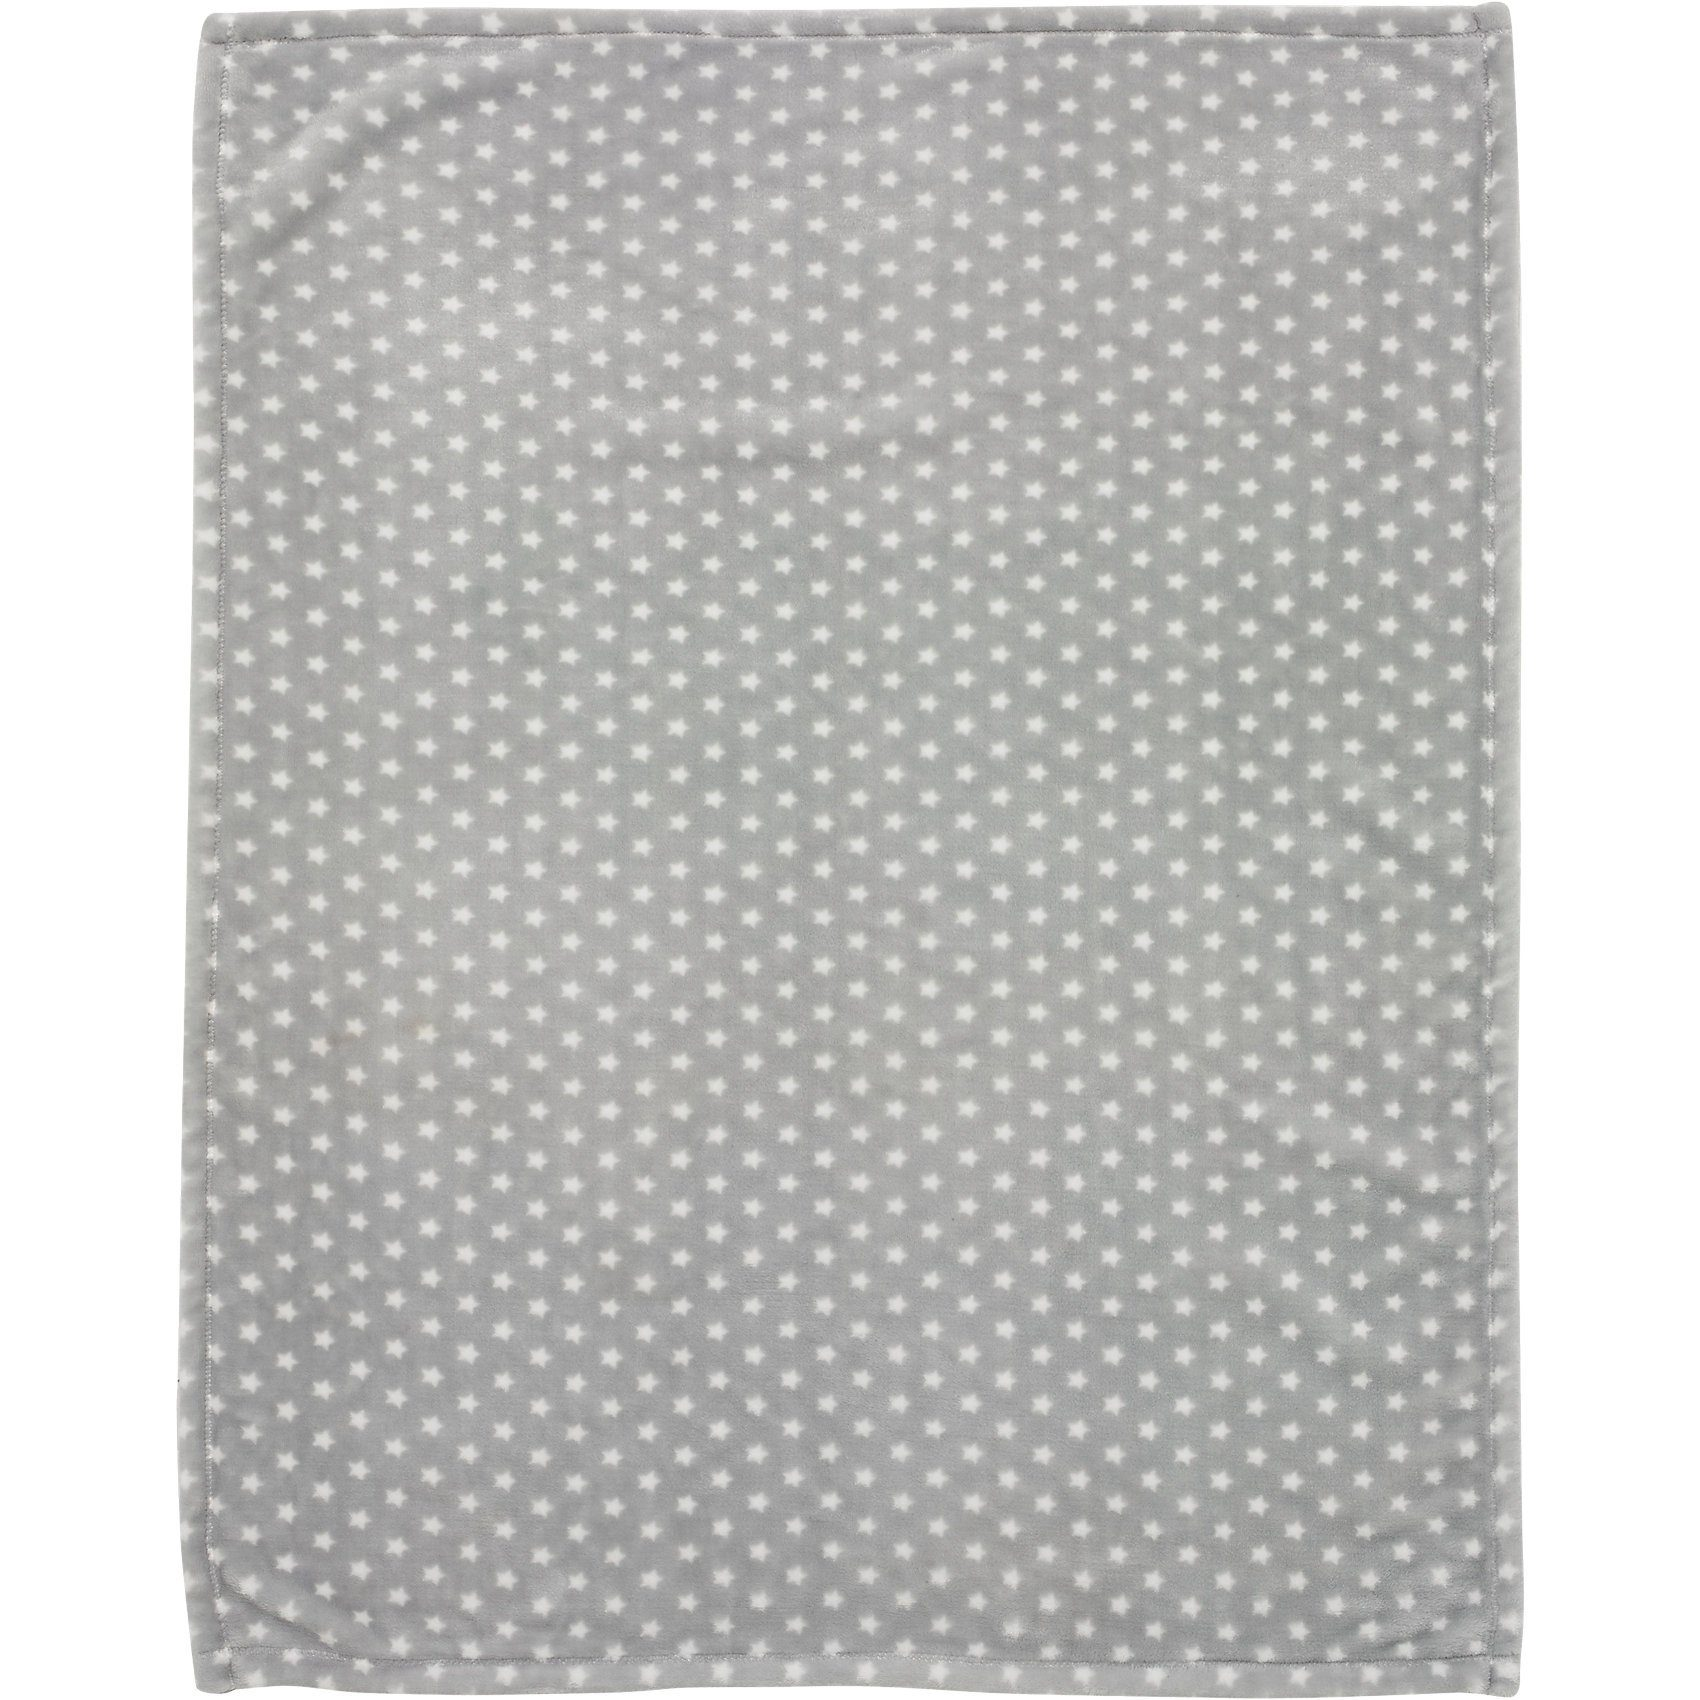 Babydecke mit UV-Schutz, Microfaser, Stars silber, 75 x 100